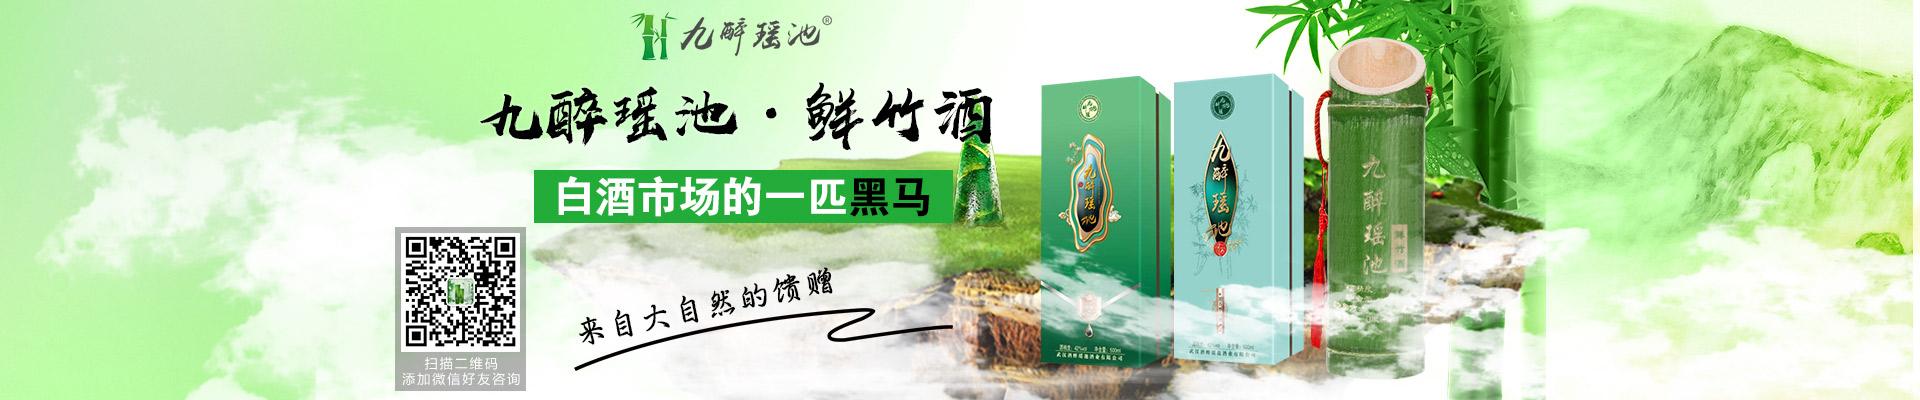 九醉瑶池鲜竹酒全国招商